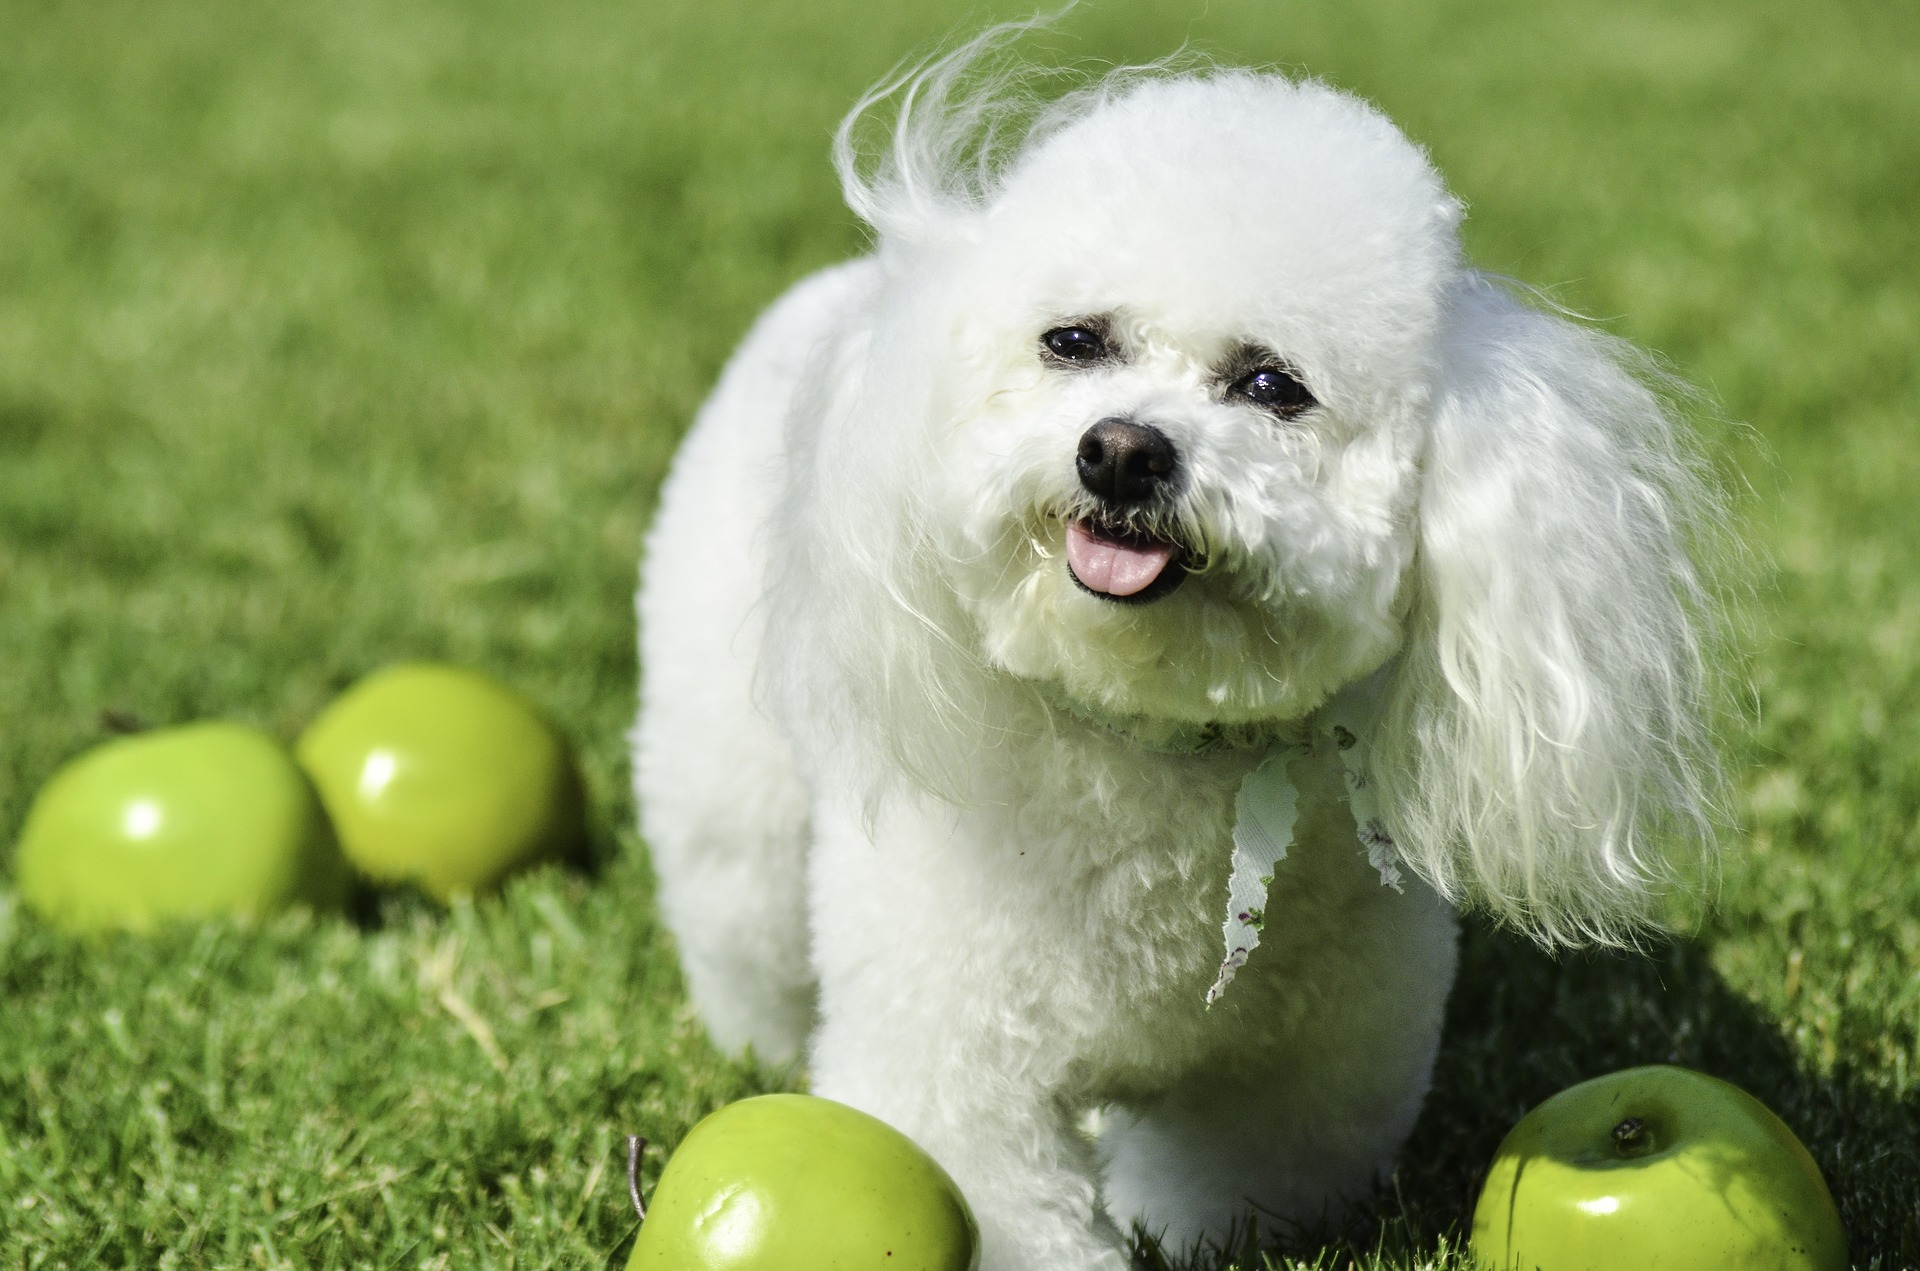 Bichon frise jest psem wymagającym pod względem okrywy włosowej, psy tej rasy należy regularnie czesać i kąpać, aby nie doszło do kołtunów, ani przebarwień.